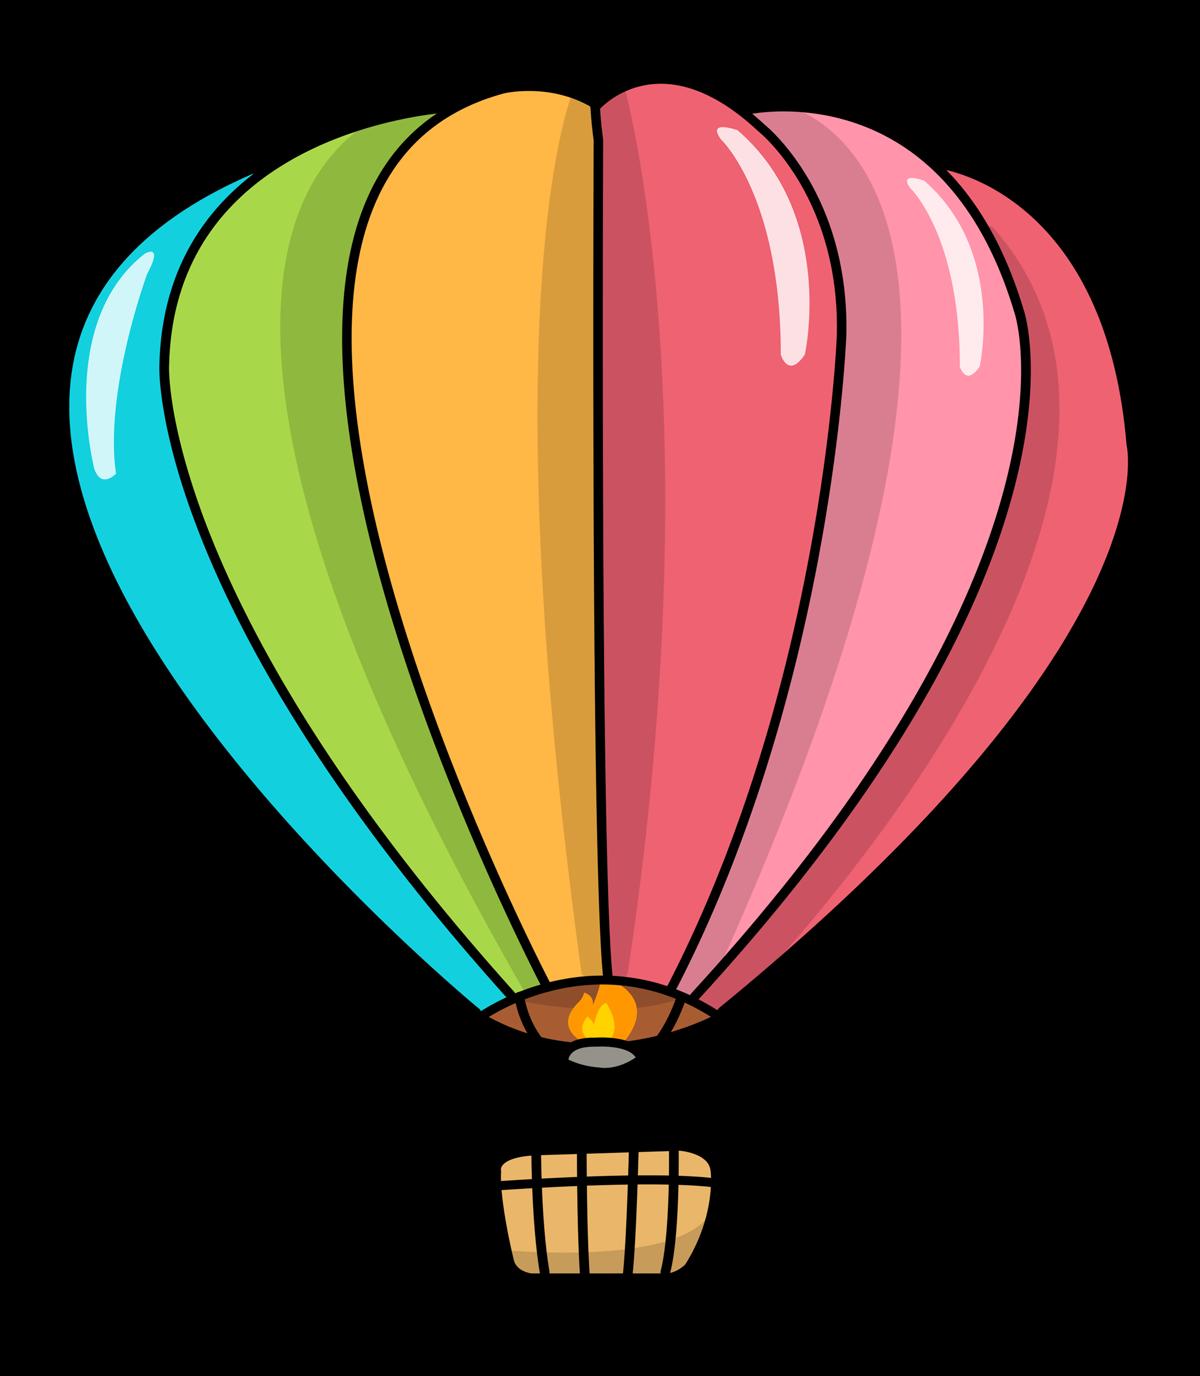 Free Cartoon Hot Air Balloon Clip Art